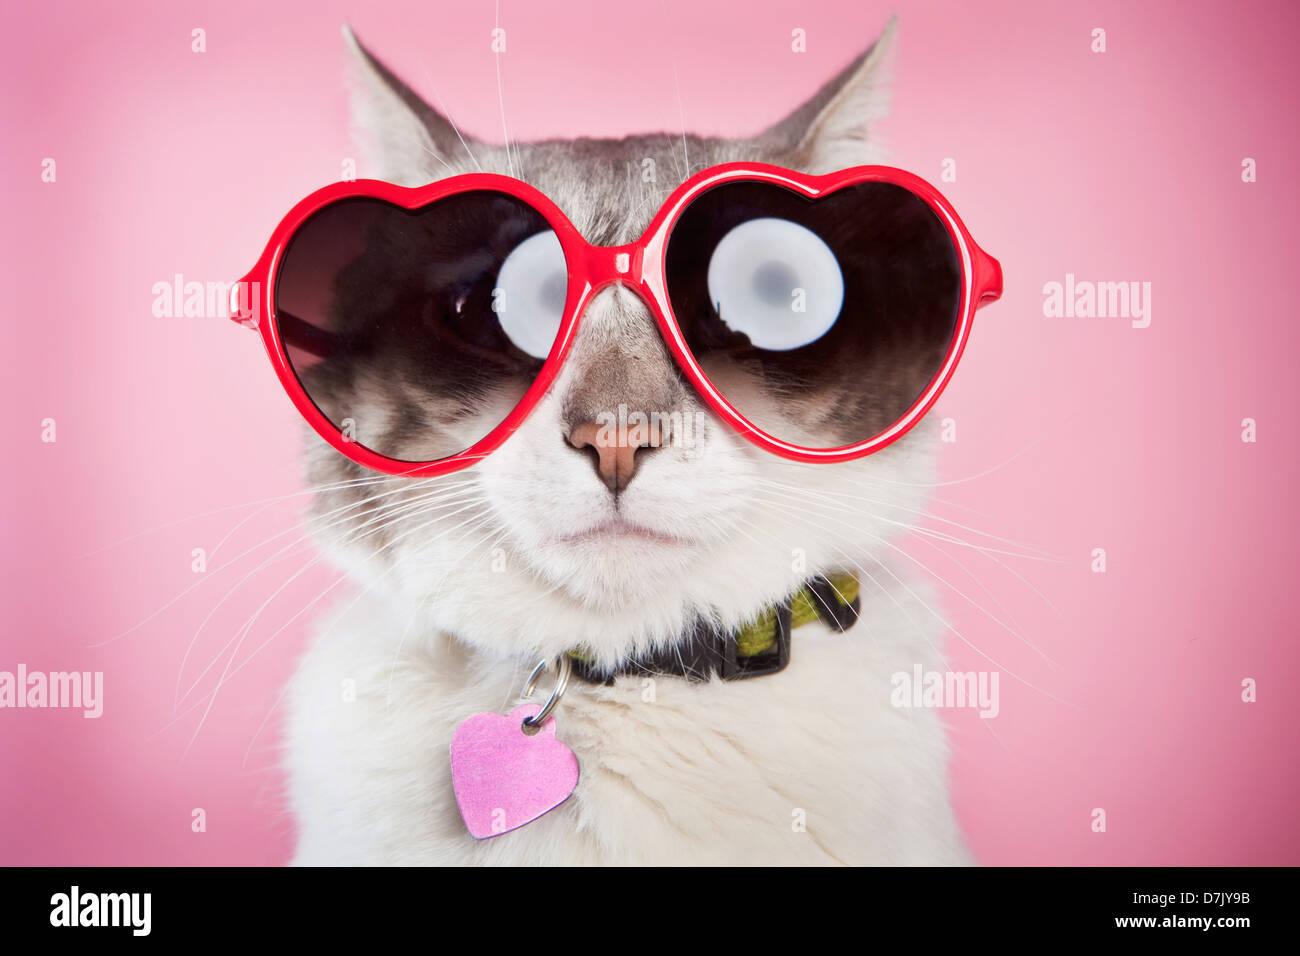 Valentine Katze posiert mit roten Liebe Sonnenbrille rosa Hintergrund Stockfoto